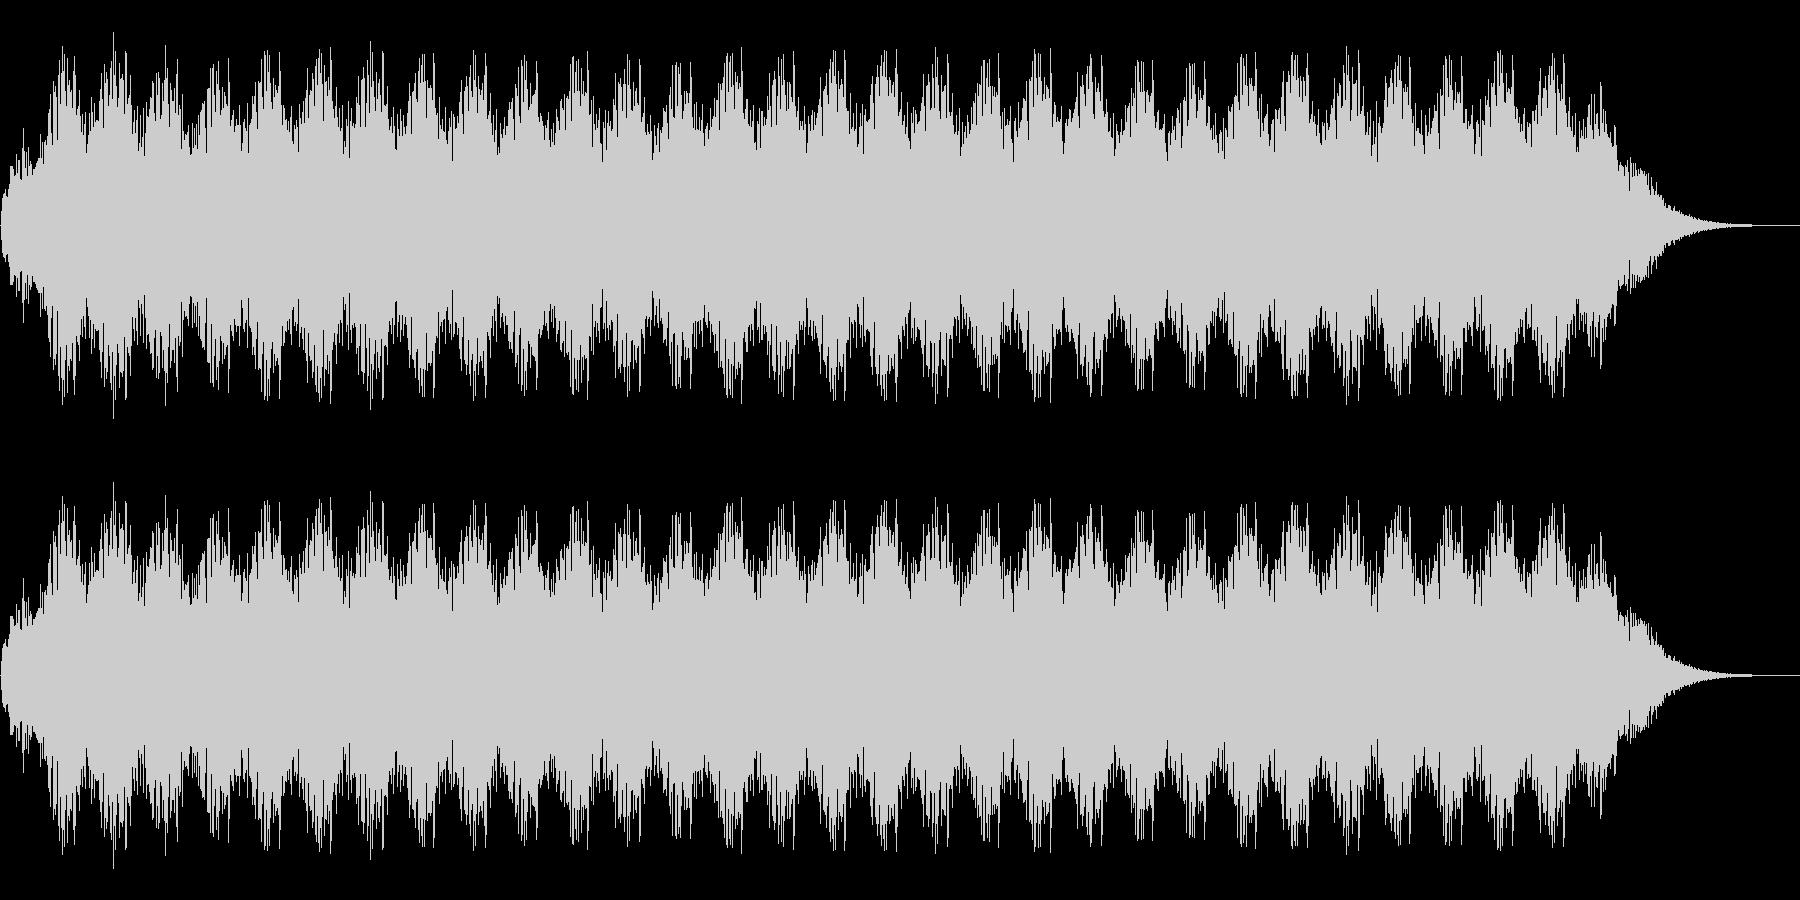 アニメにありそうなガンポッドの未再生の波形